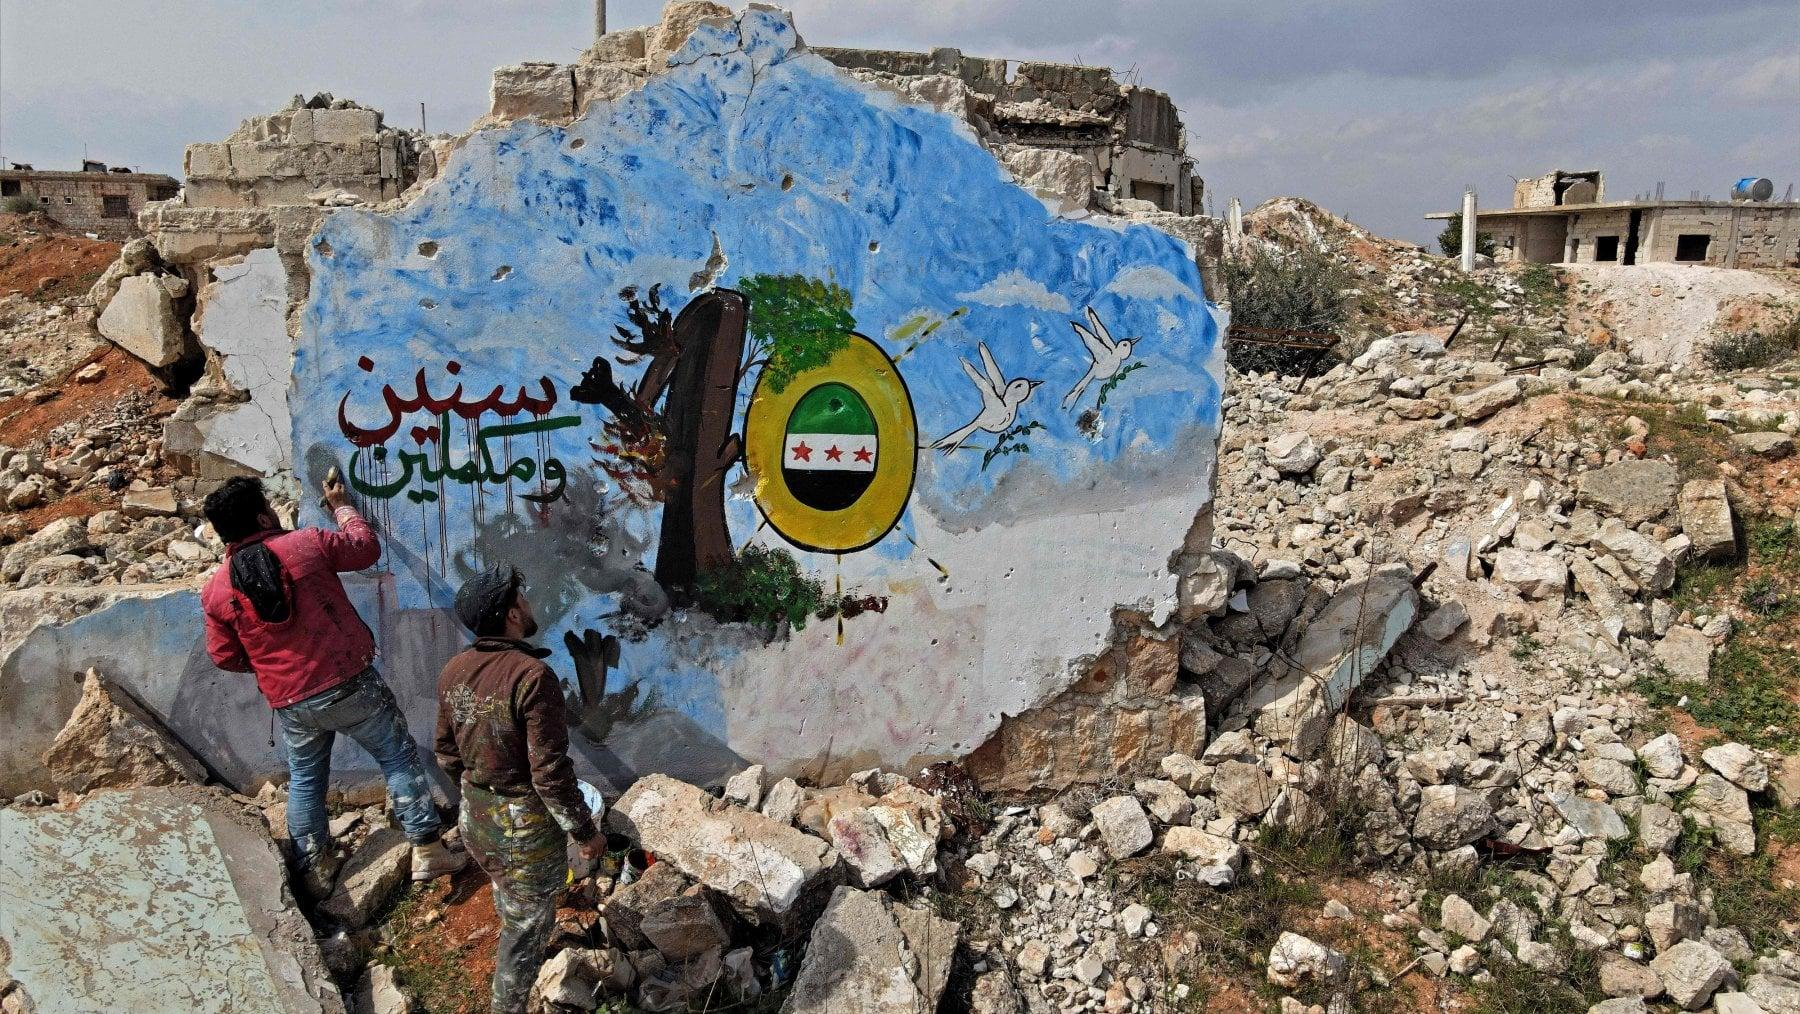 """221602058 2d2bd178 a53d 4557 bc03 107bc51a7e55 - Siria, 10 anni dopo. L'appello dell'Unhcr: """"Nove siriani su 10 vivono in estrema povertà. Non voltiamo le spalle"""""""